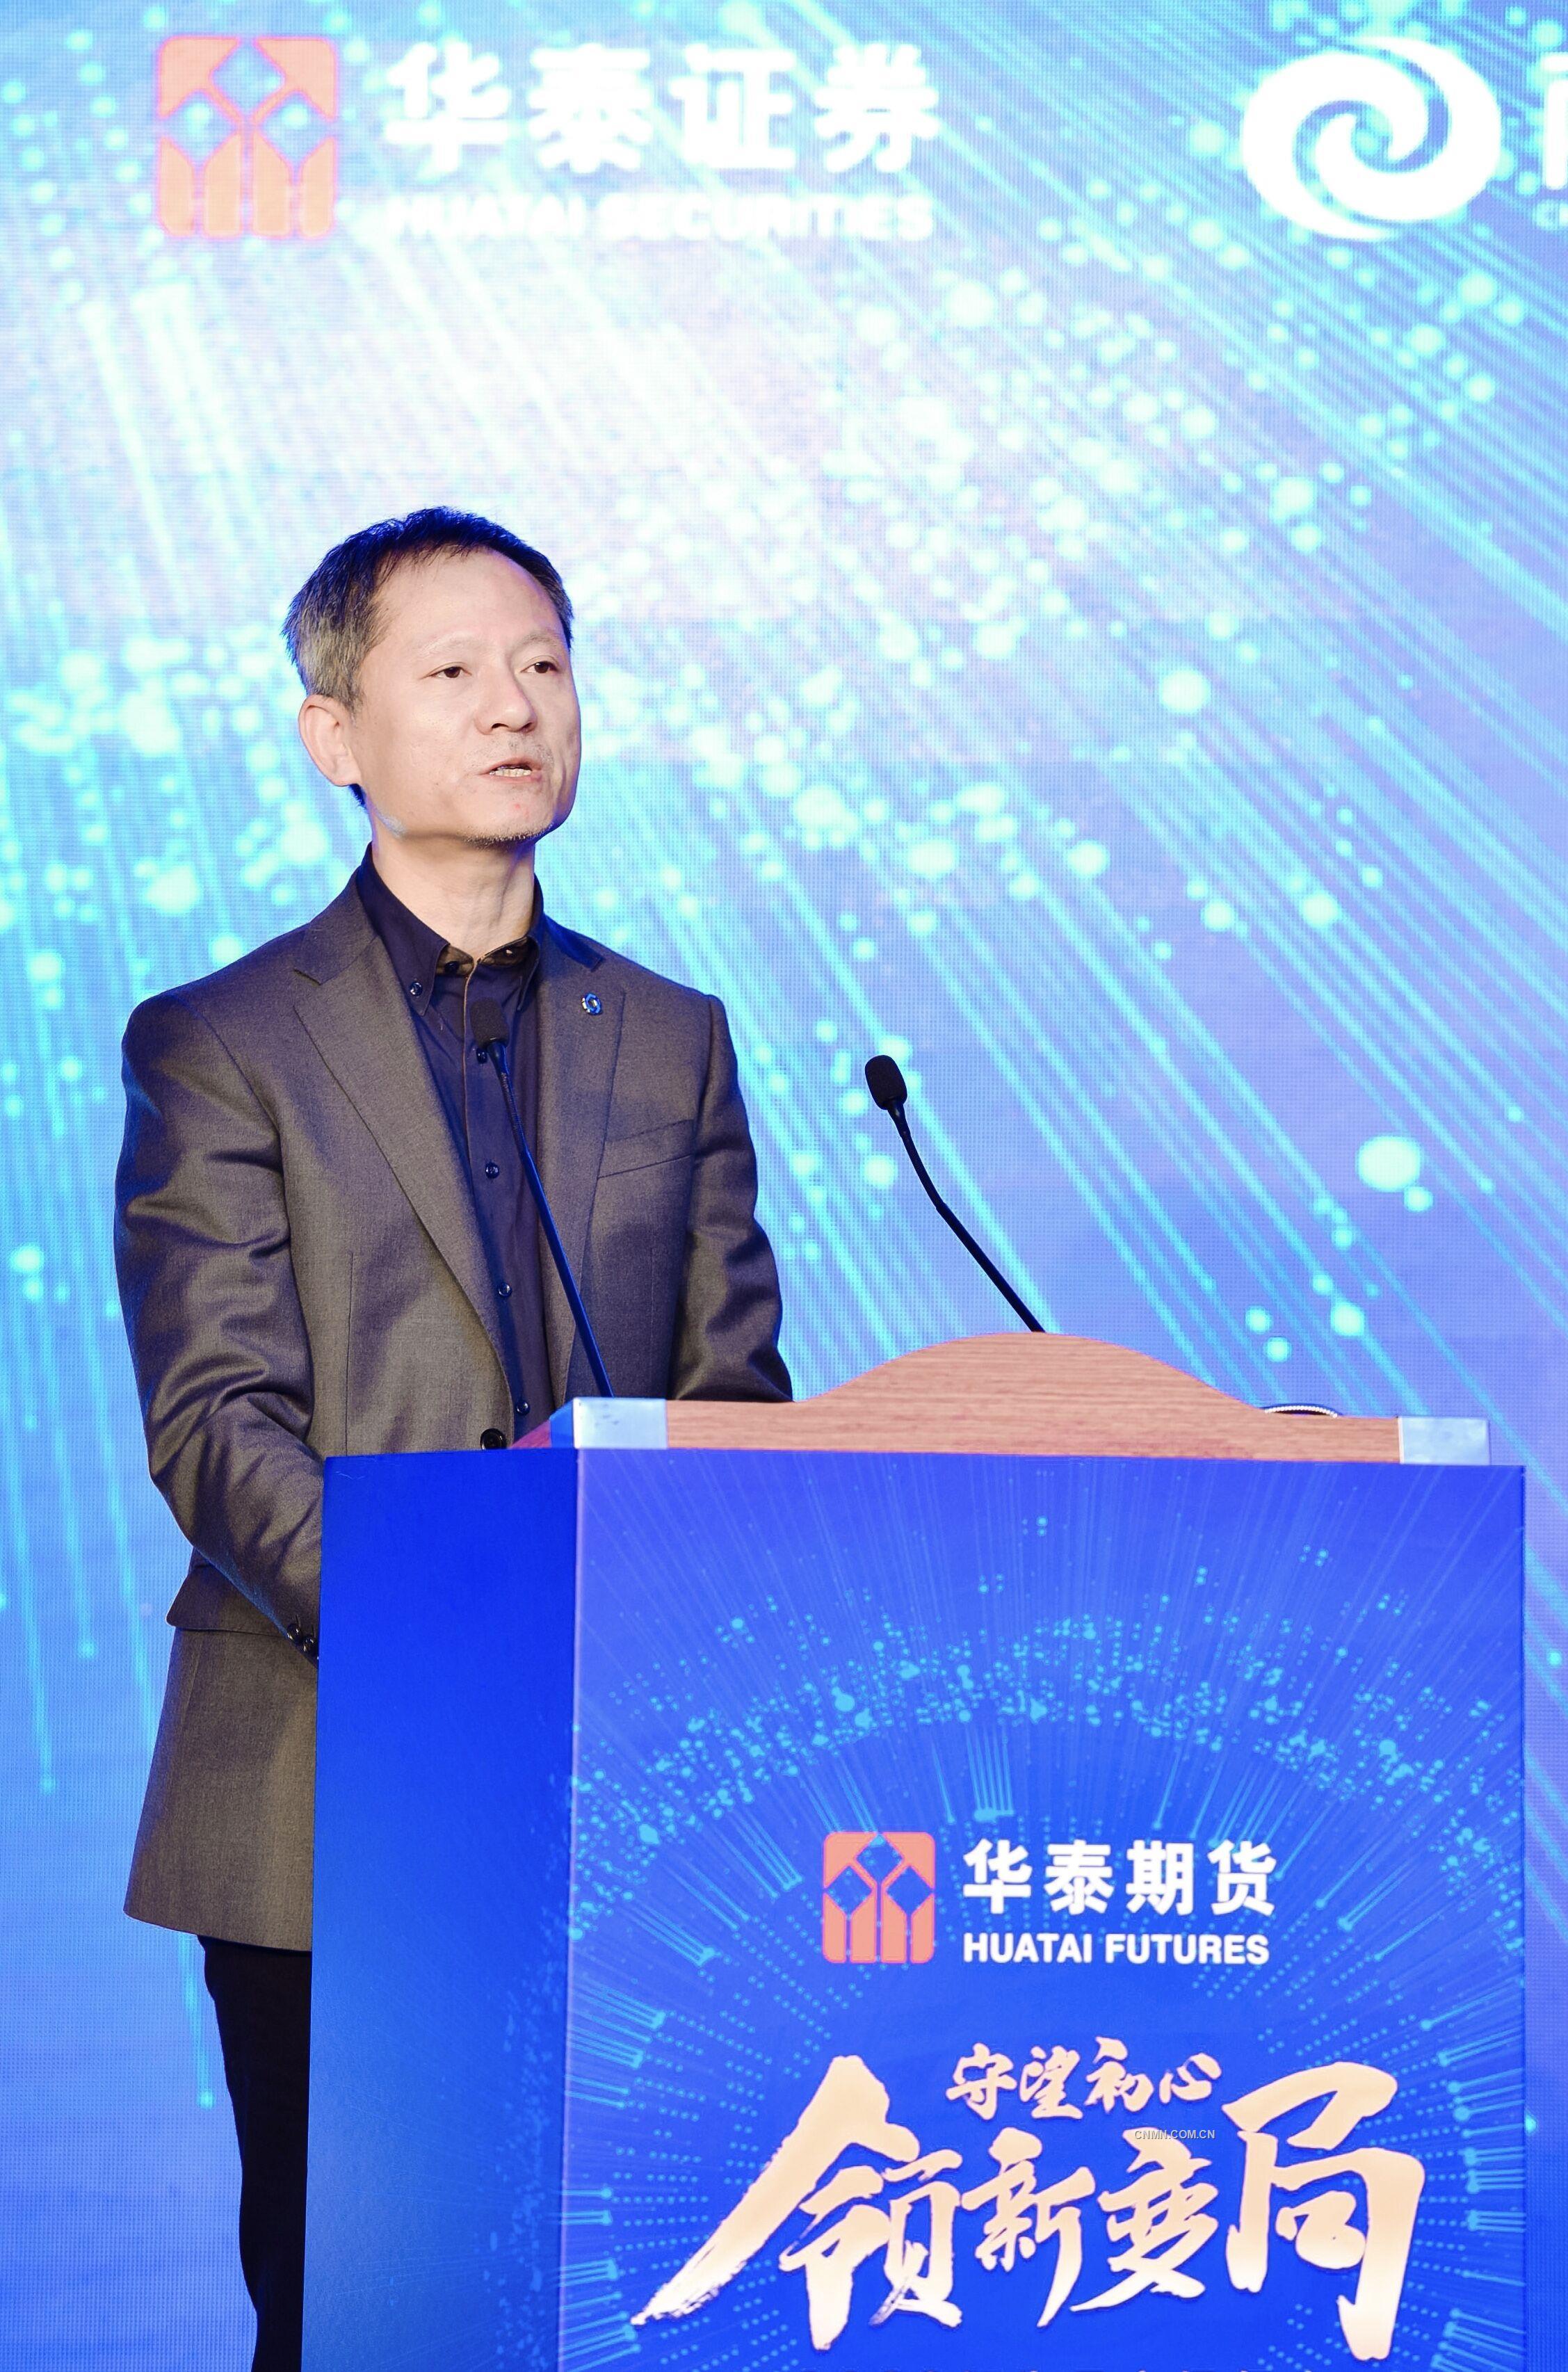 上海期货交易所党委委员、副总经理 陆丰